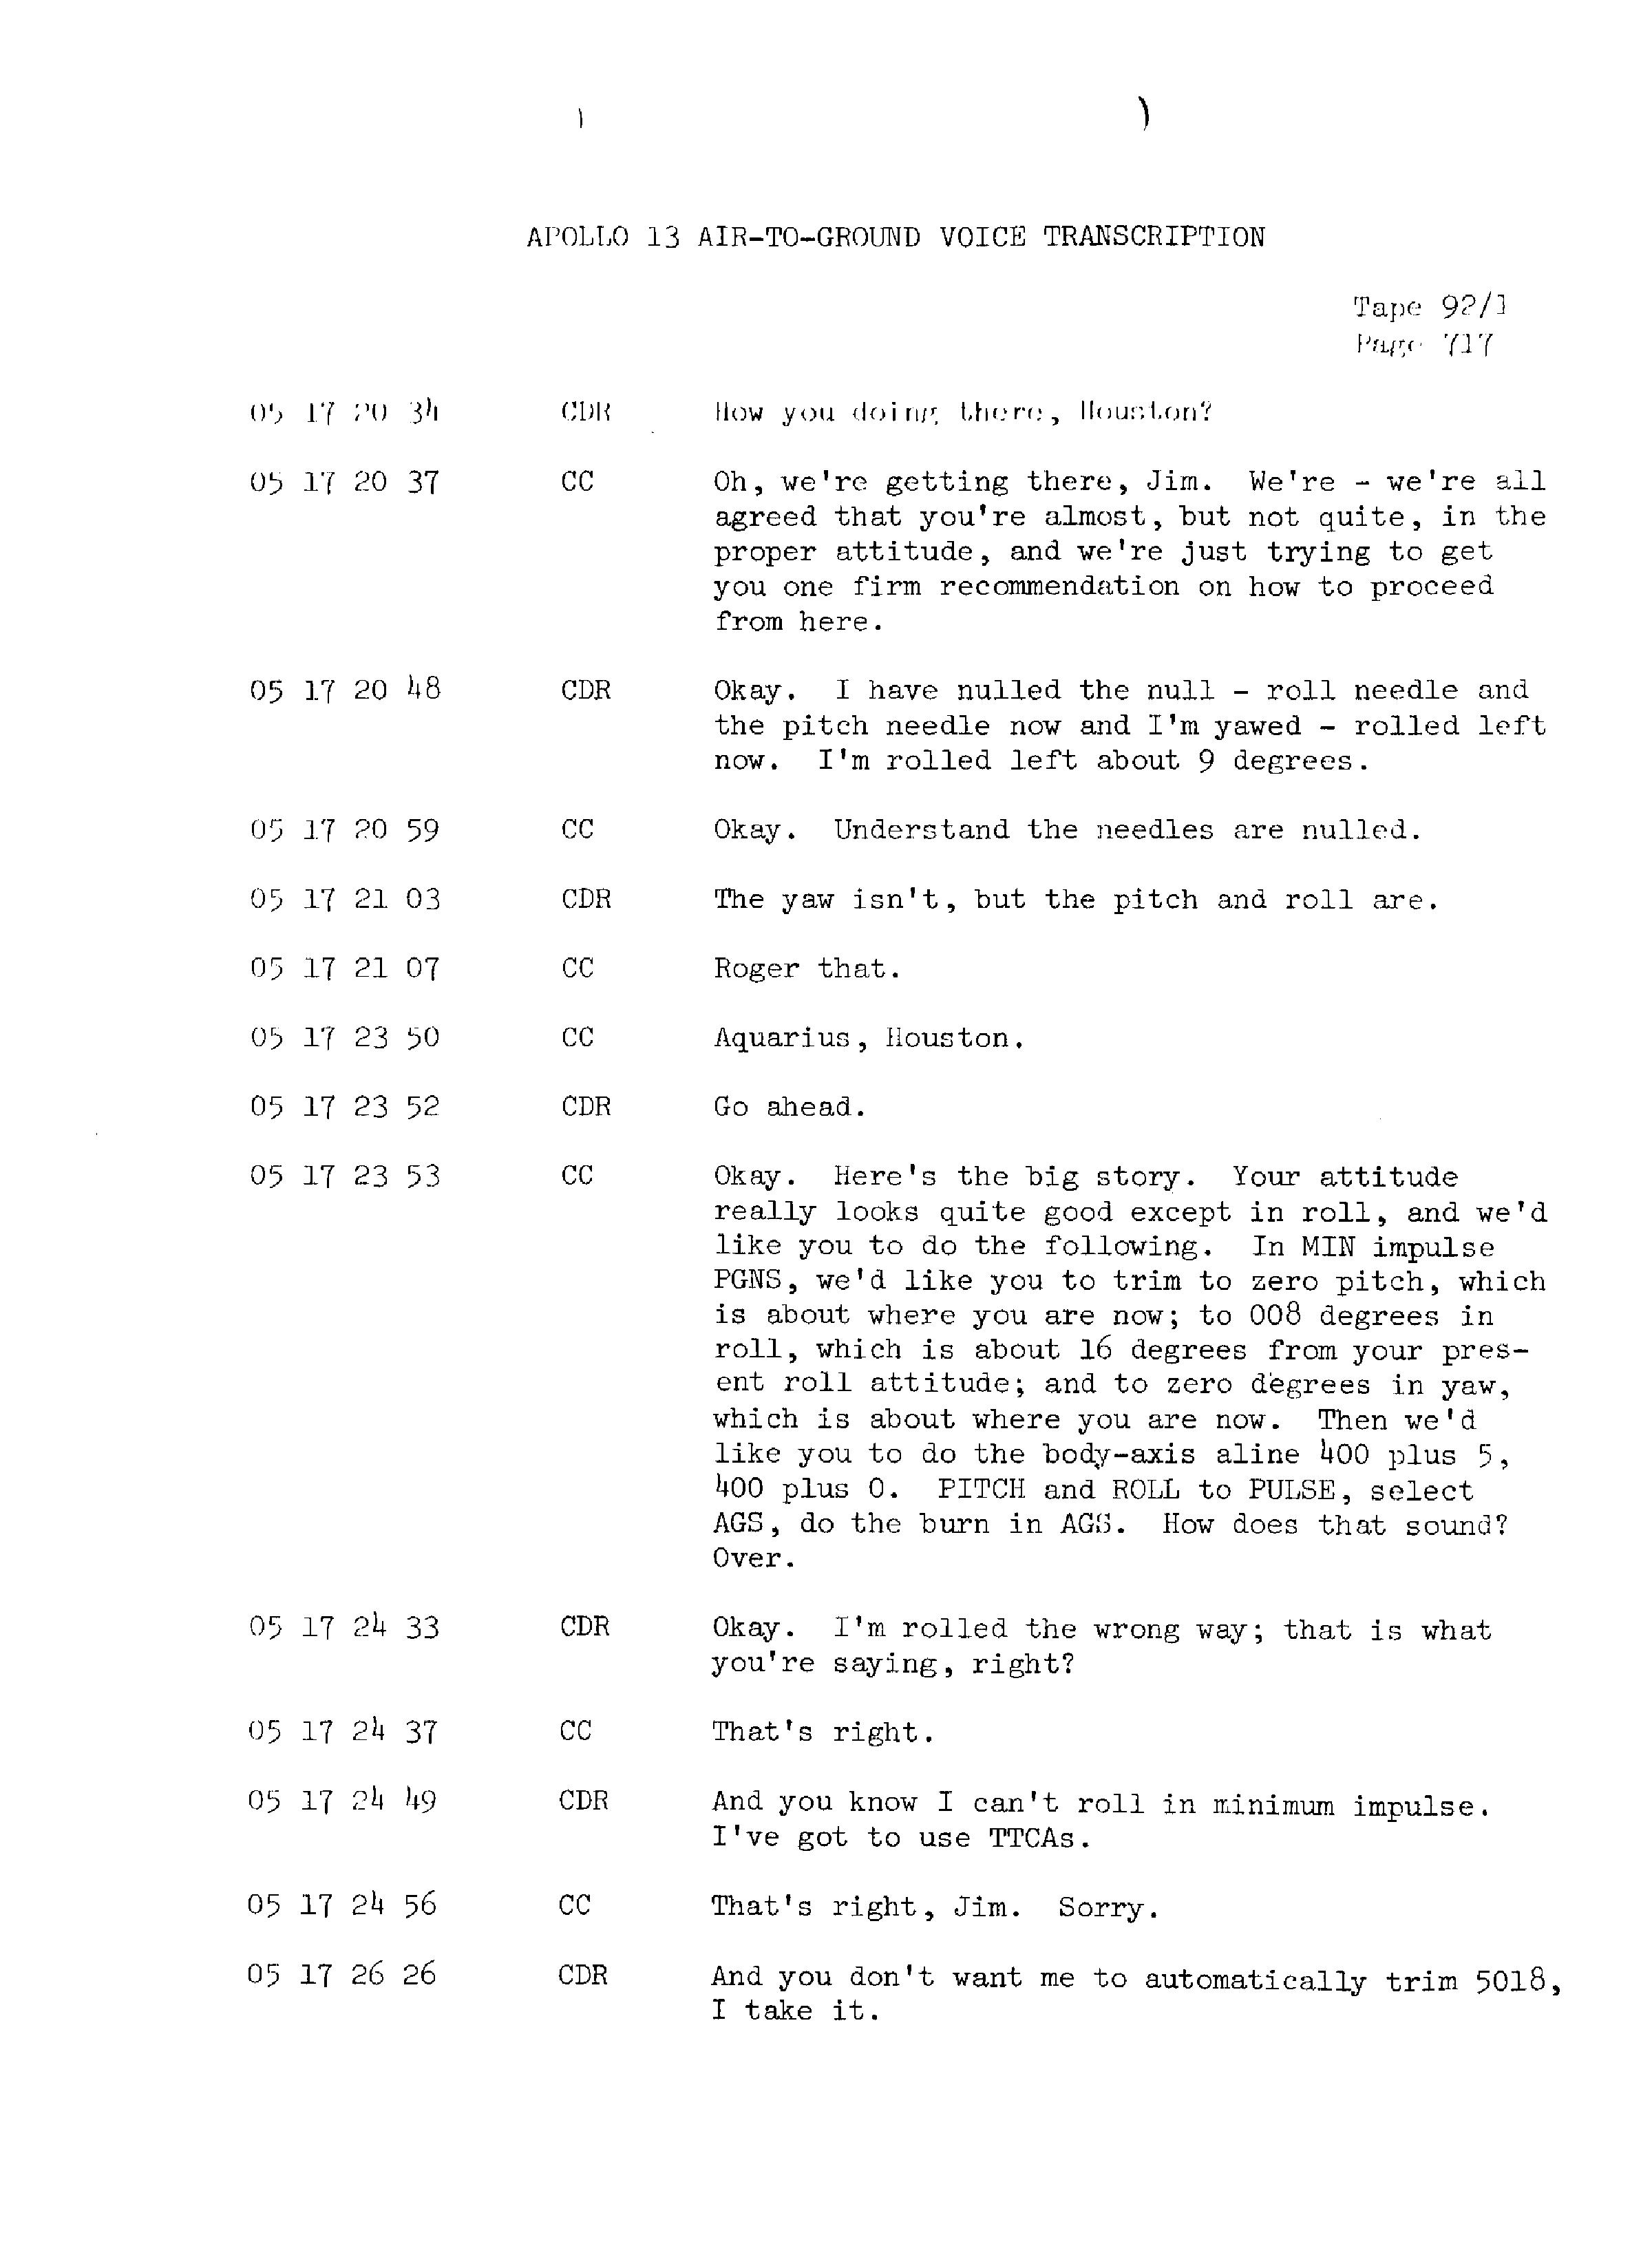 Page 724 of Apollo 13's original transcript